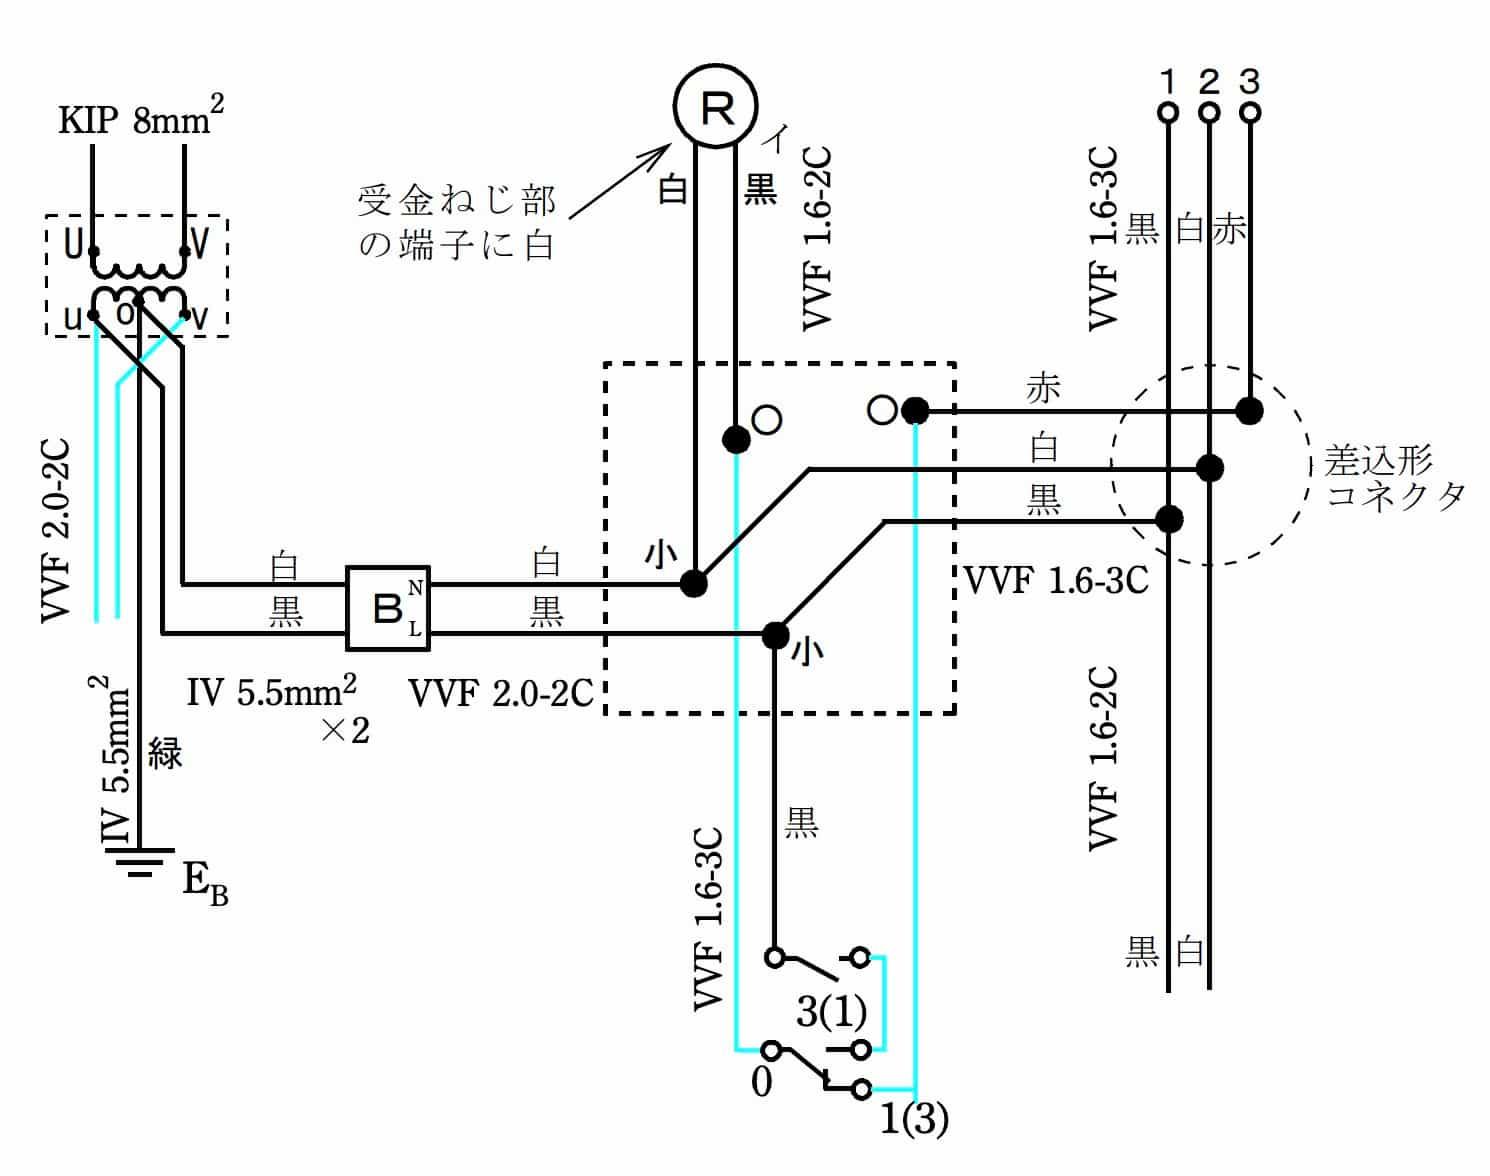 第一種電気工事士の技能試験の試験問題No.2の複線図